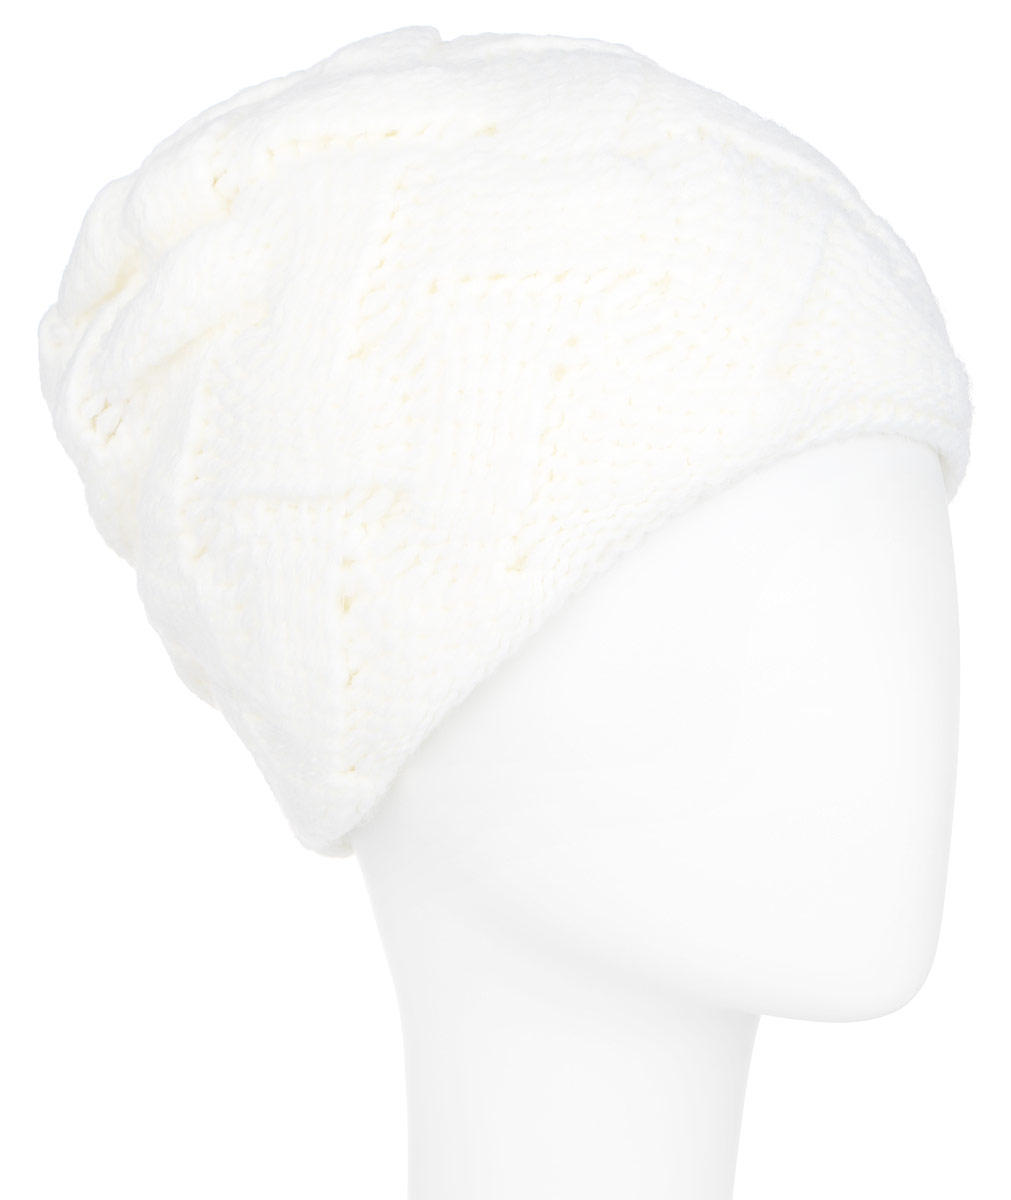 Шапка женская Finn Flare, цвет: молочный. A16-11154_711. Размер 56A16-11154_711Стильная женская шапка Finn Flare дополнит ваш наряд и не позволит вам замерзнуть в холодное время года. Шапка выполнена из высококачественной комбинированной пряжи, что позволяет ей великолепно сохранять тепло и обеспечивает высокую эластичность и удобство посадки. Изделие дополнено теплой подкладкой. Модель с удлиненной макушкой оформлена оригинальным узором и металлической эмблемой с логотипом производителя. Такая шапка станет модным и стильным дополнением вашего гардероба. Она согреет вас и позволит подчеркнуть свою индивидуальность!